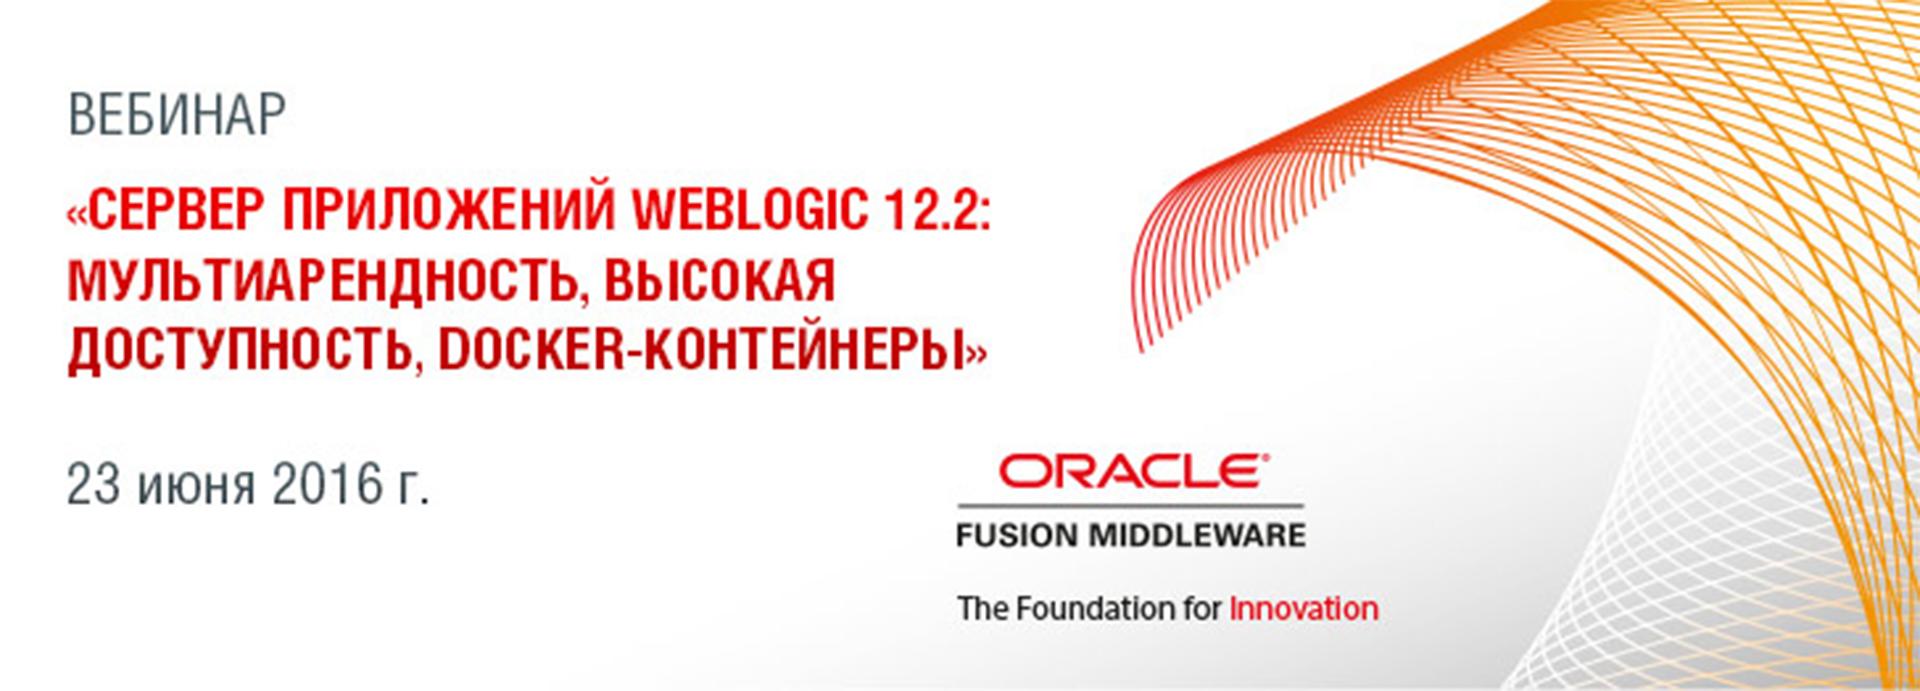 Бесплатный вебинар «Сервер приложений WebLogic 12.2: мультиарендность, высокая доступность, Docker-контейнеры» - 1